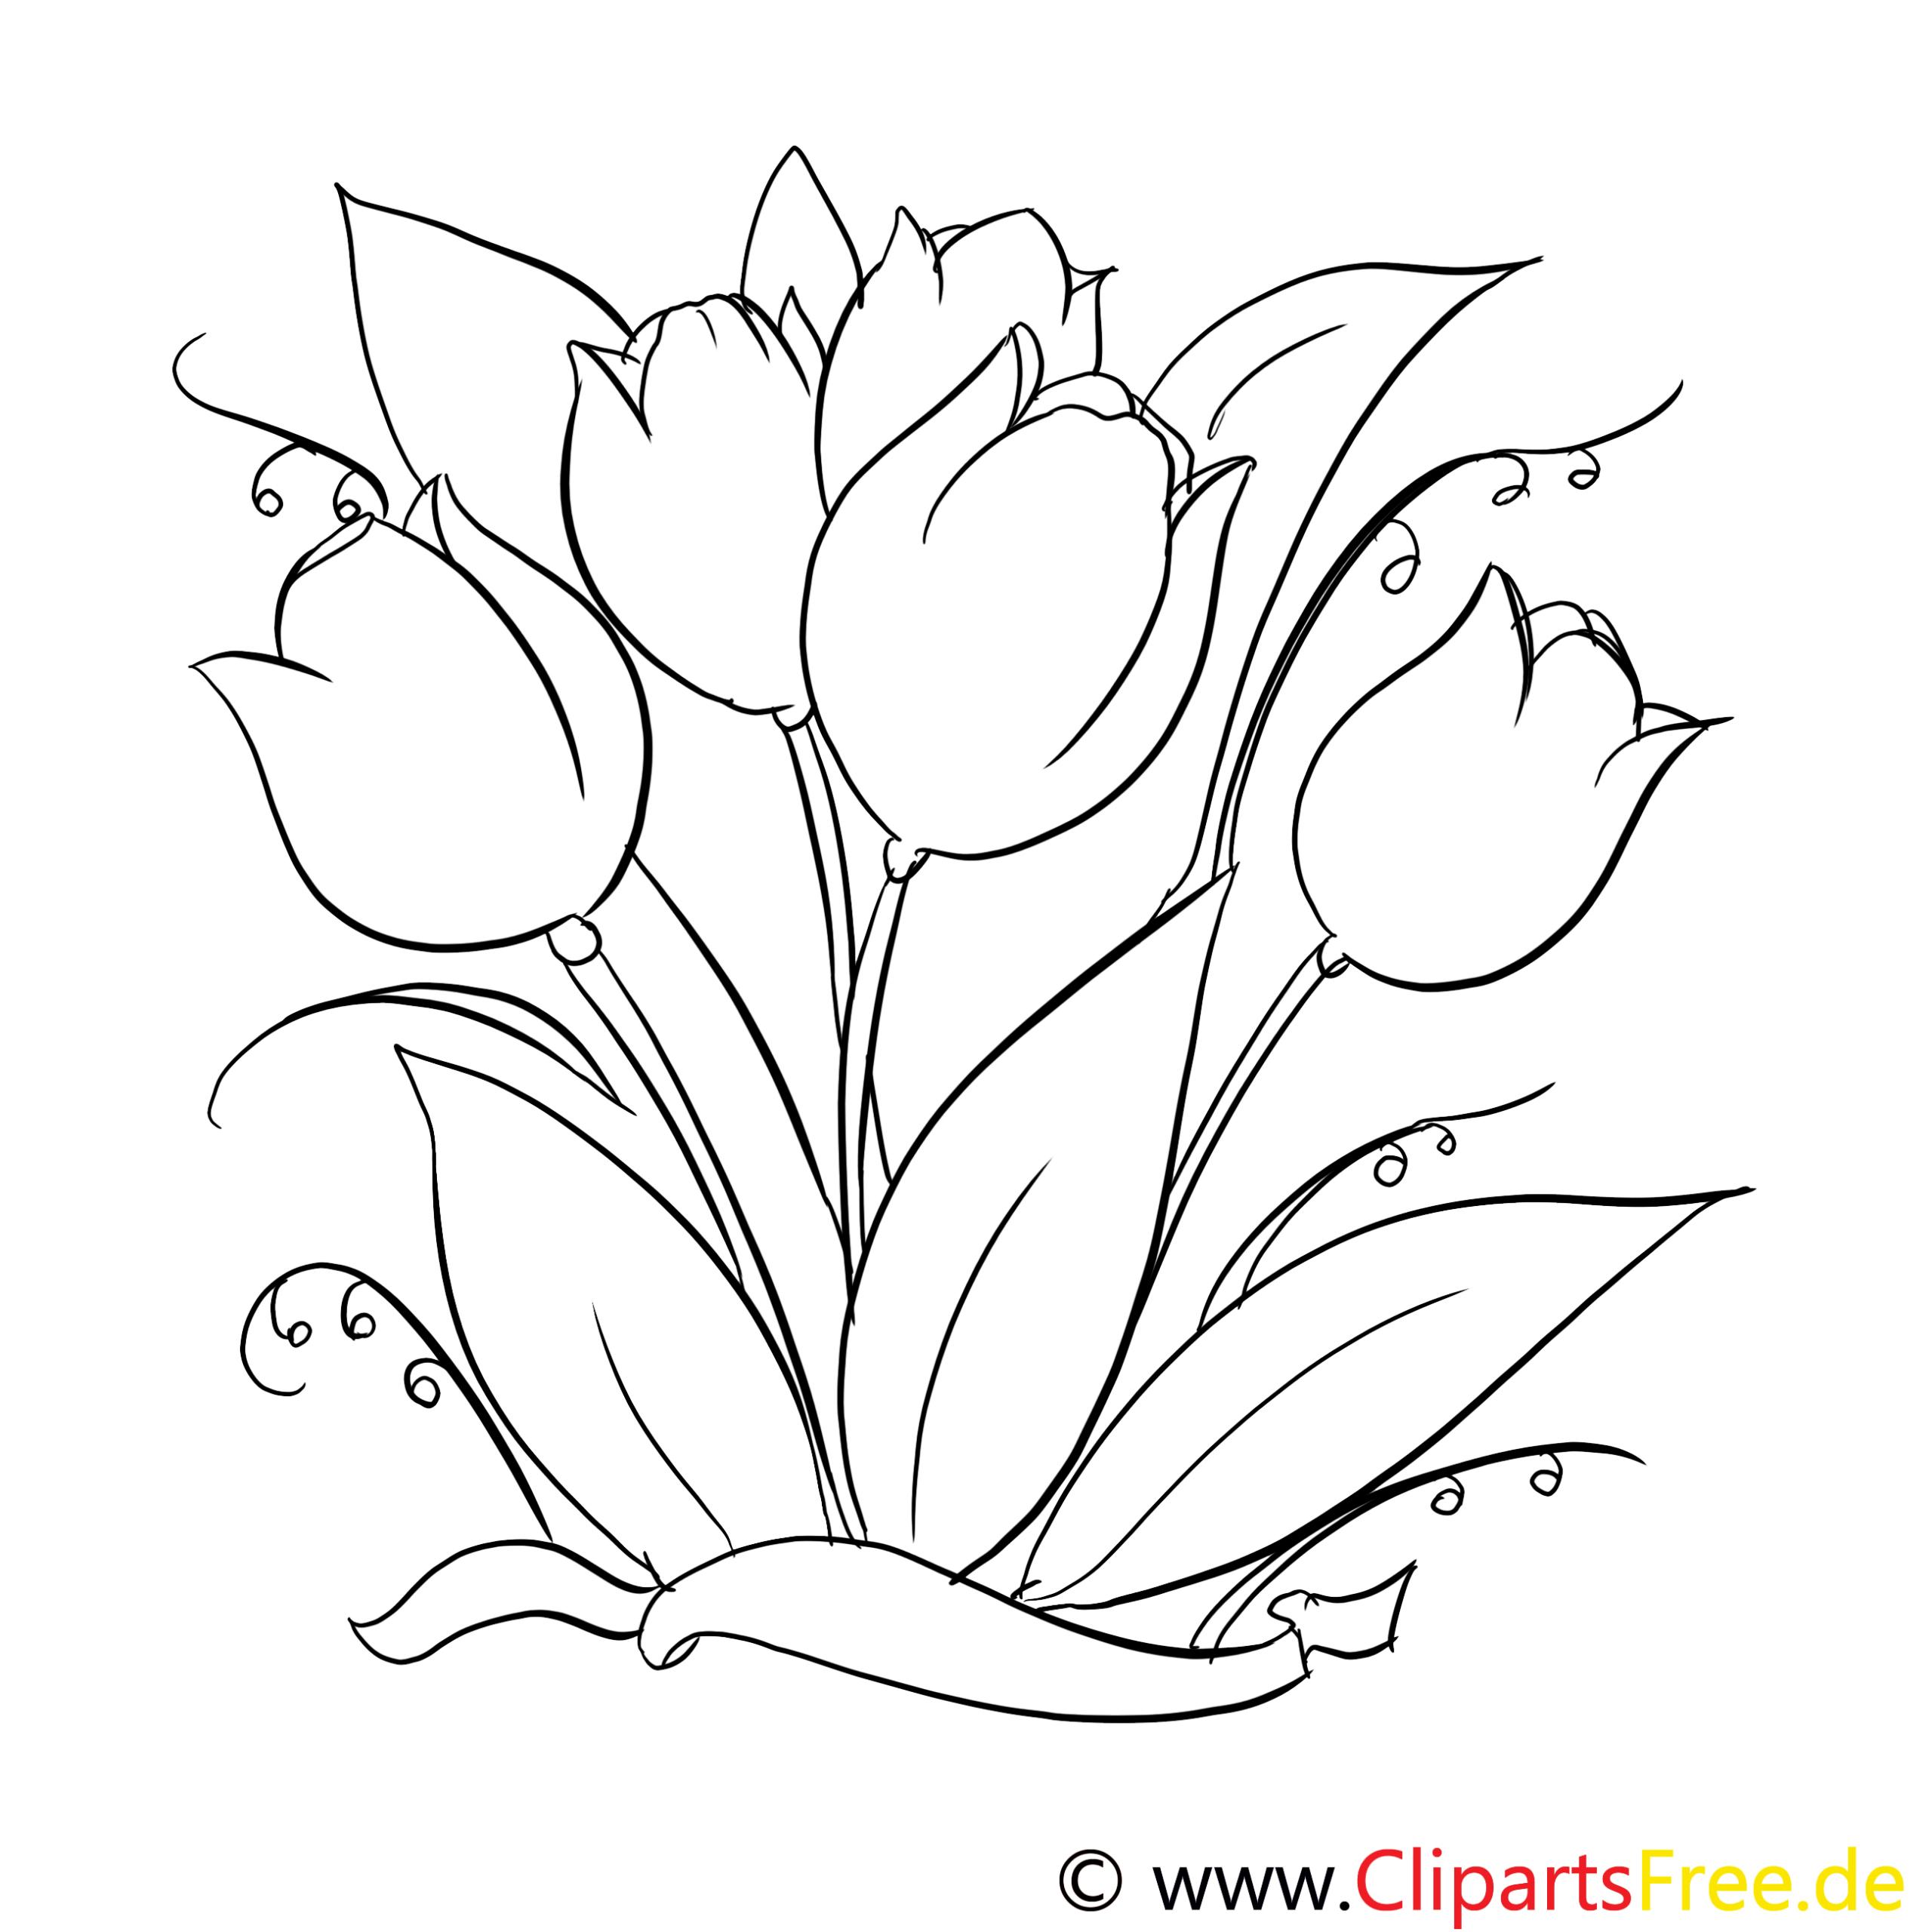 Blumen Vorlagen Zum Ausdrucken Kostenlos - Malvorlagen Für über Blumen Vorlagen Kostenlos Ausdrucken